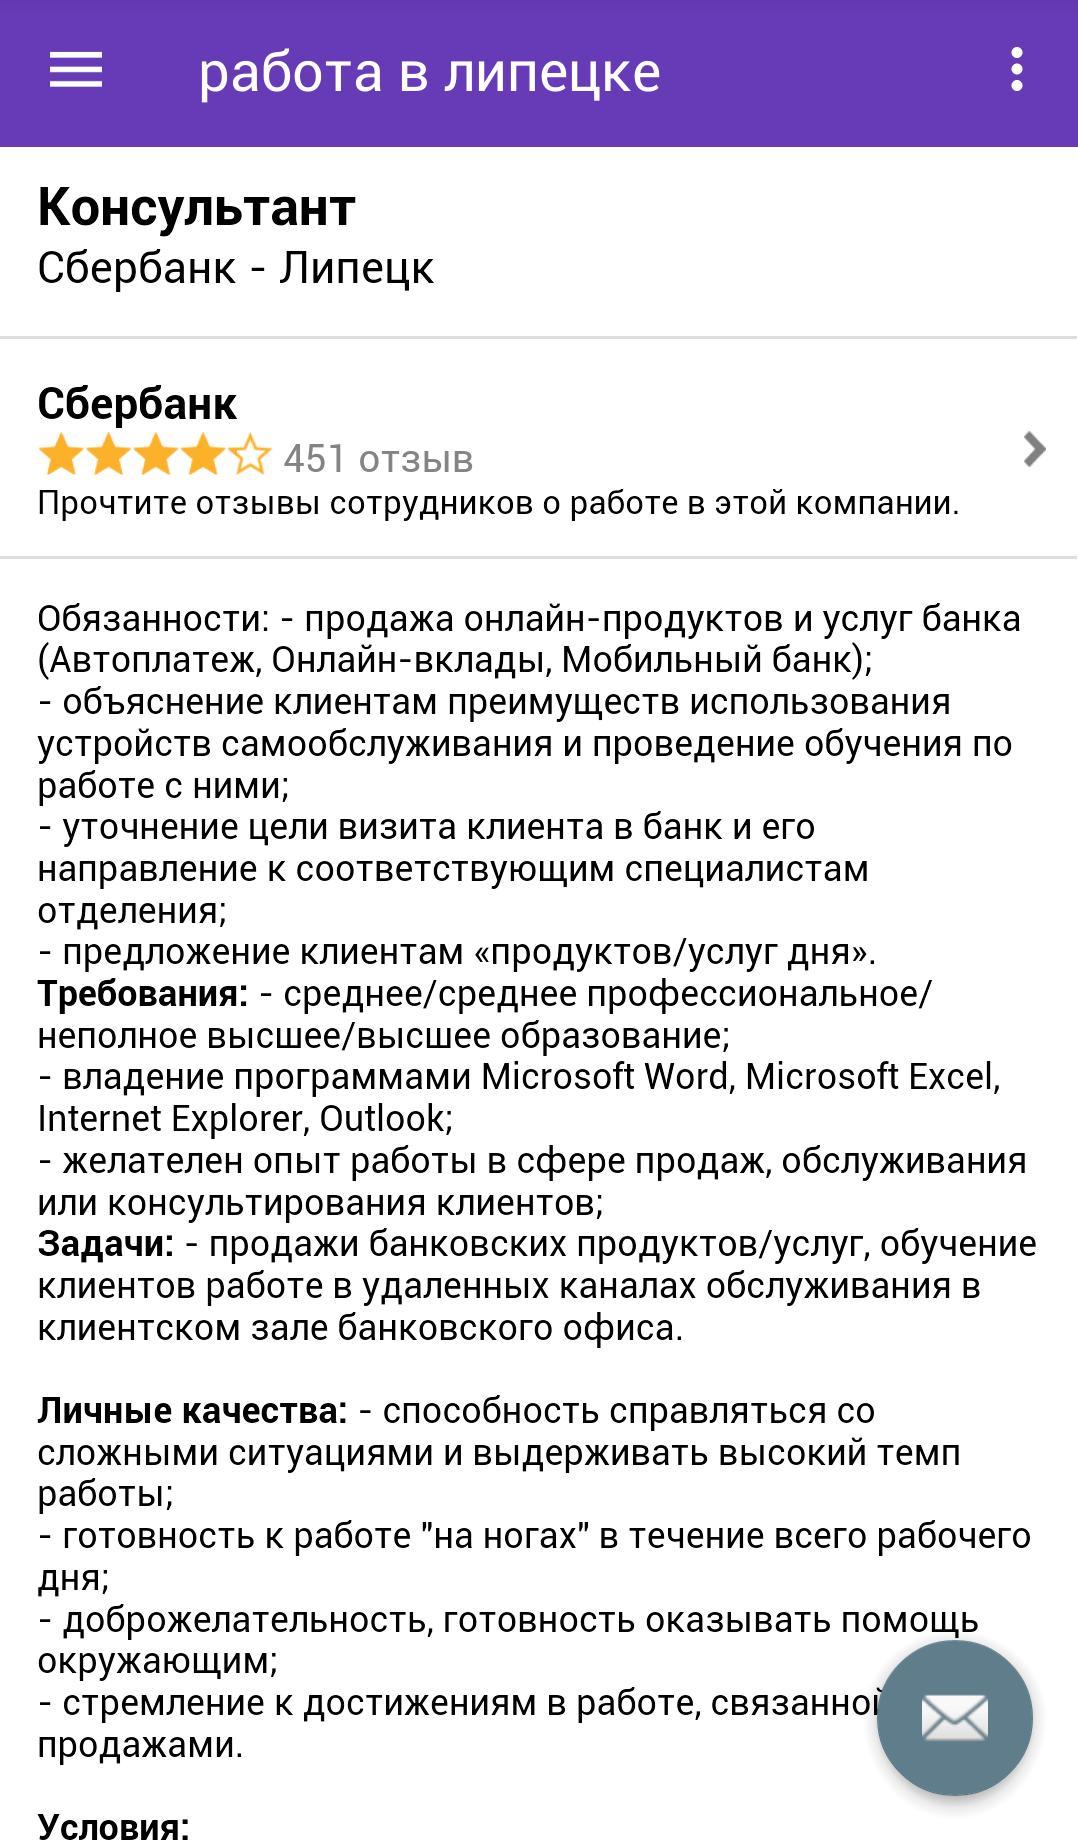 Работа онлайн липецк работа для девушек иркутск досуг